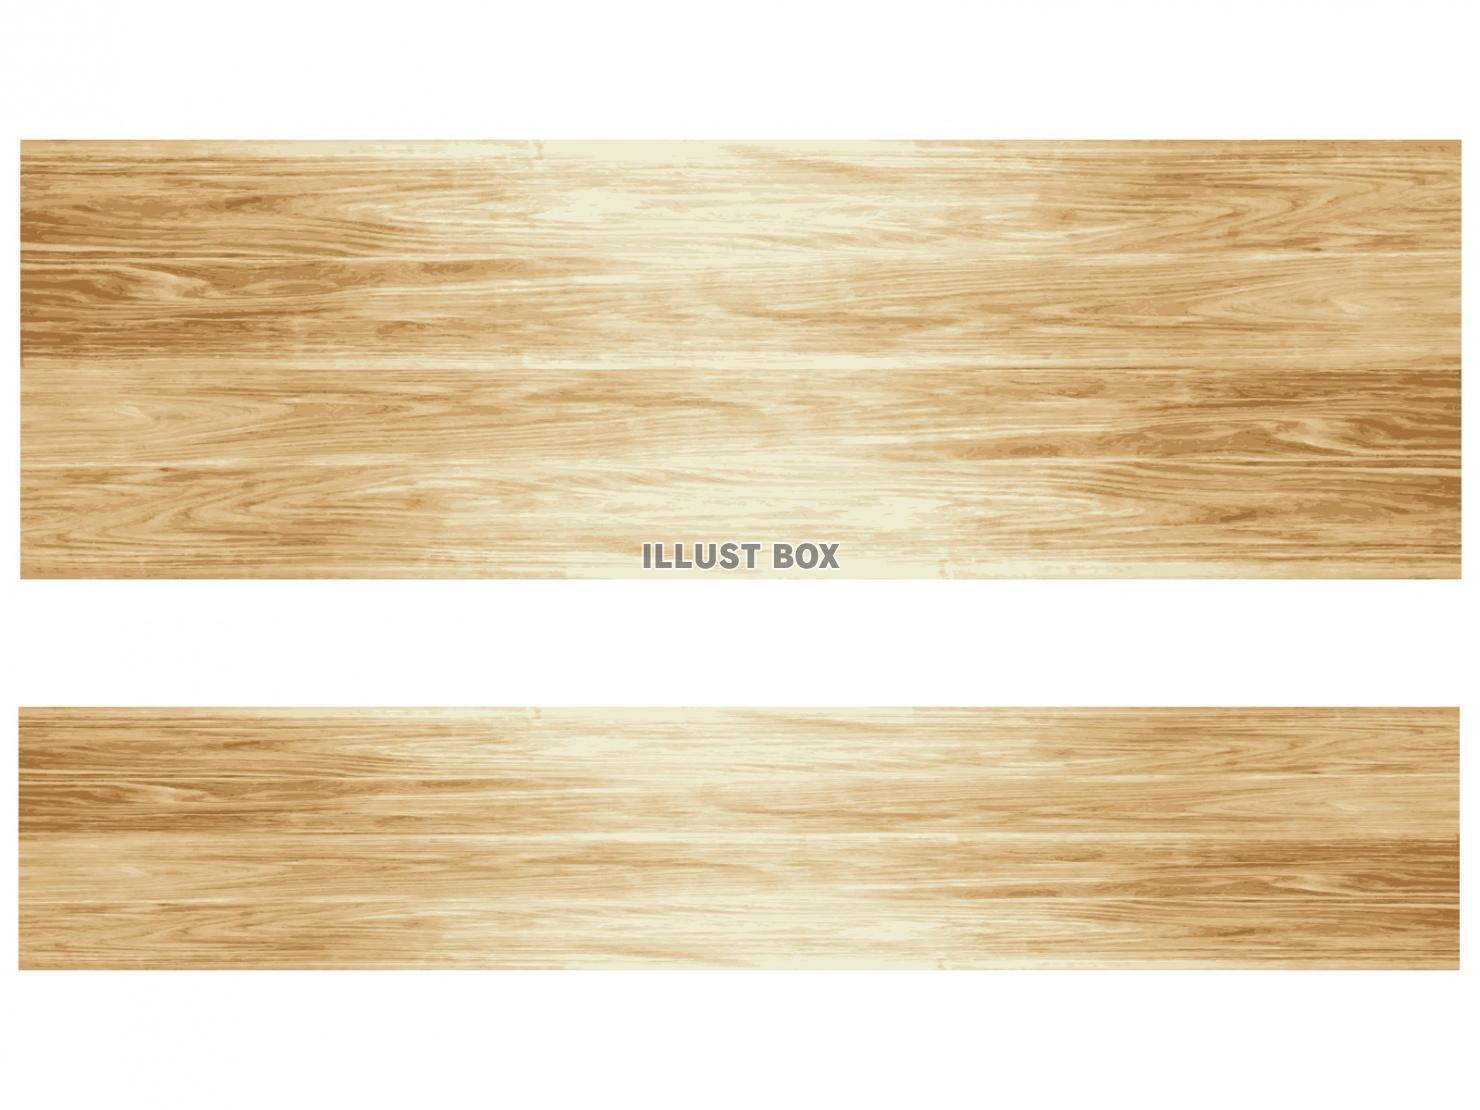 無料イラスト 看板背景木おしゃれフレーム枠板壁紙木目シンプル